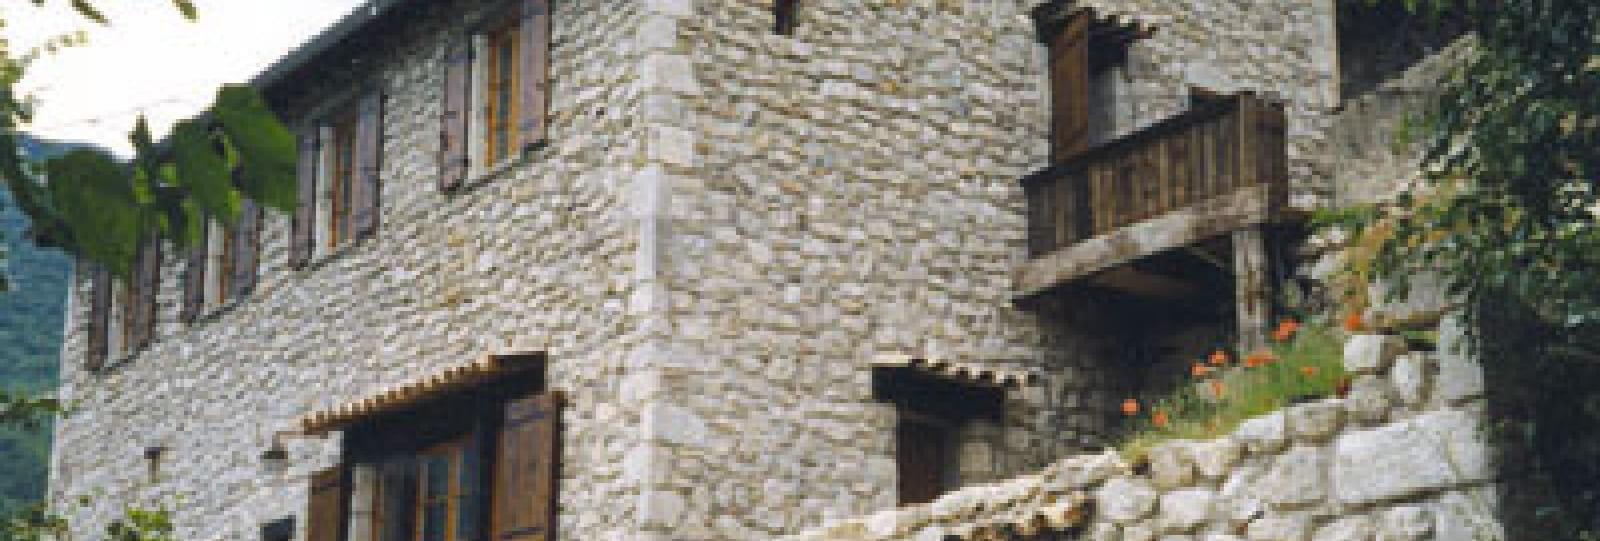 Walser Dominique - Gîte Le Lavandino